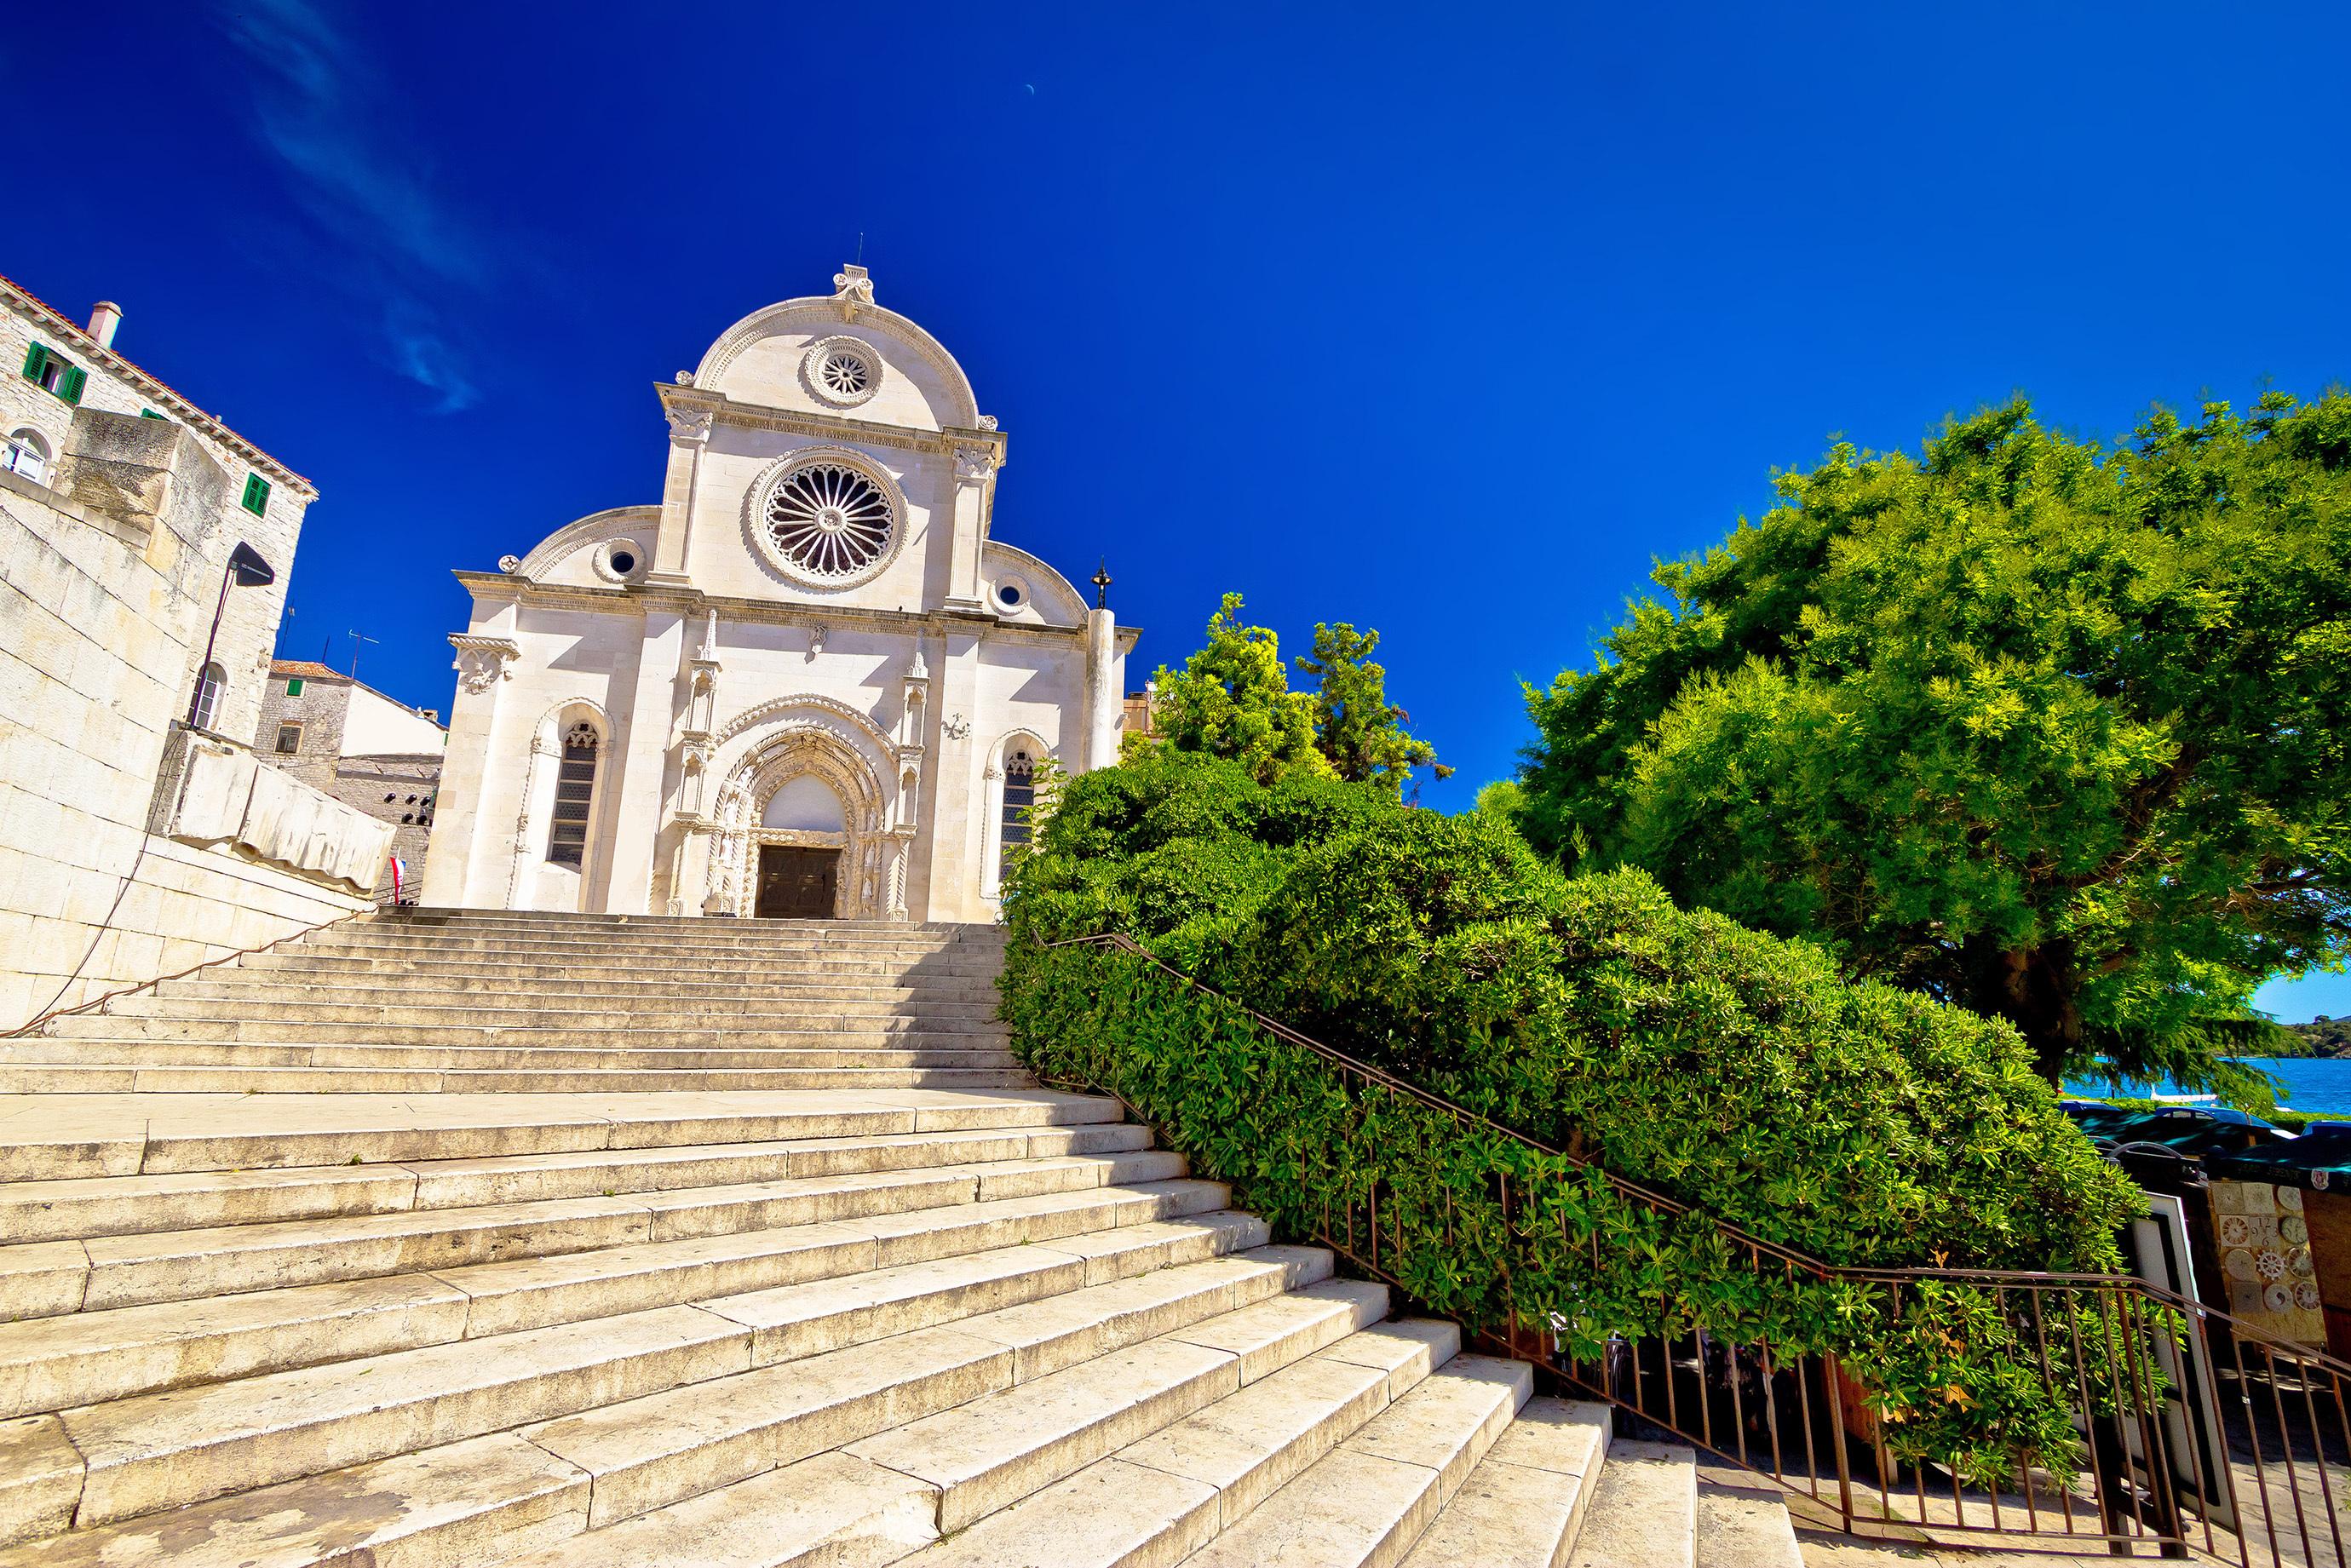 Contempla la única catedral de Europa hecha solamente de piedra - Croacia Circuito Croacia y Eslovenia